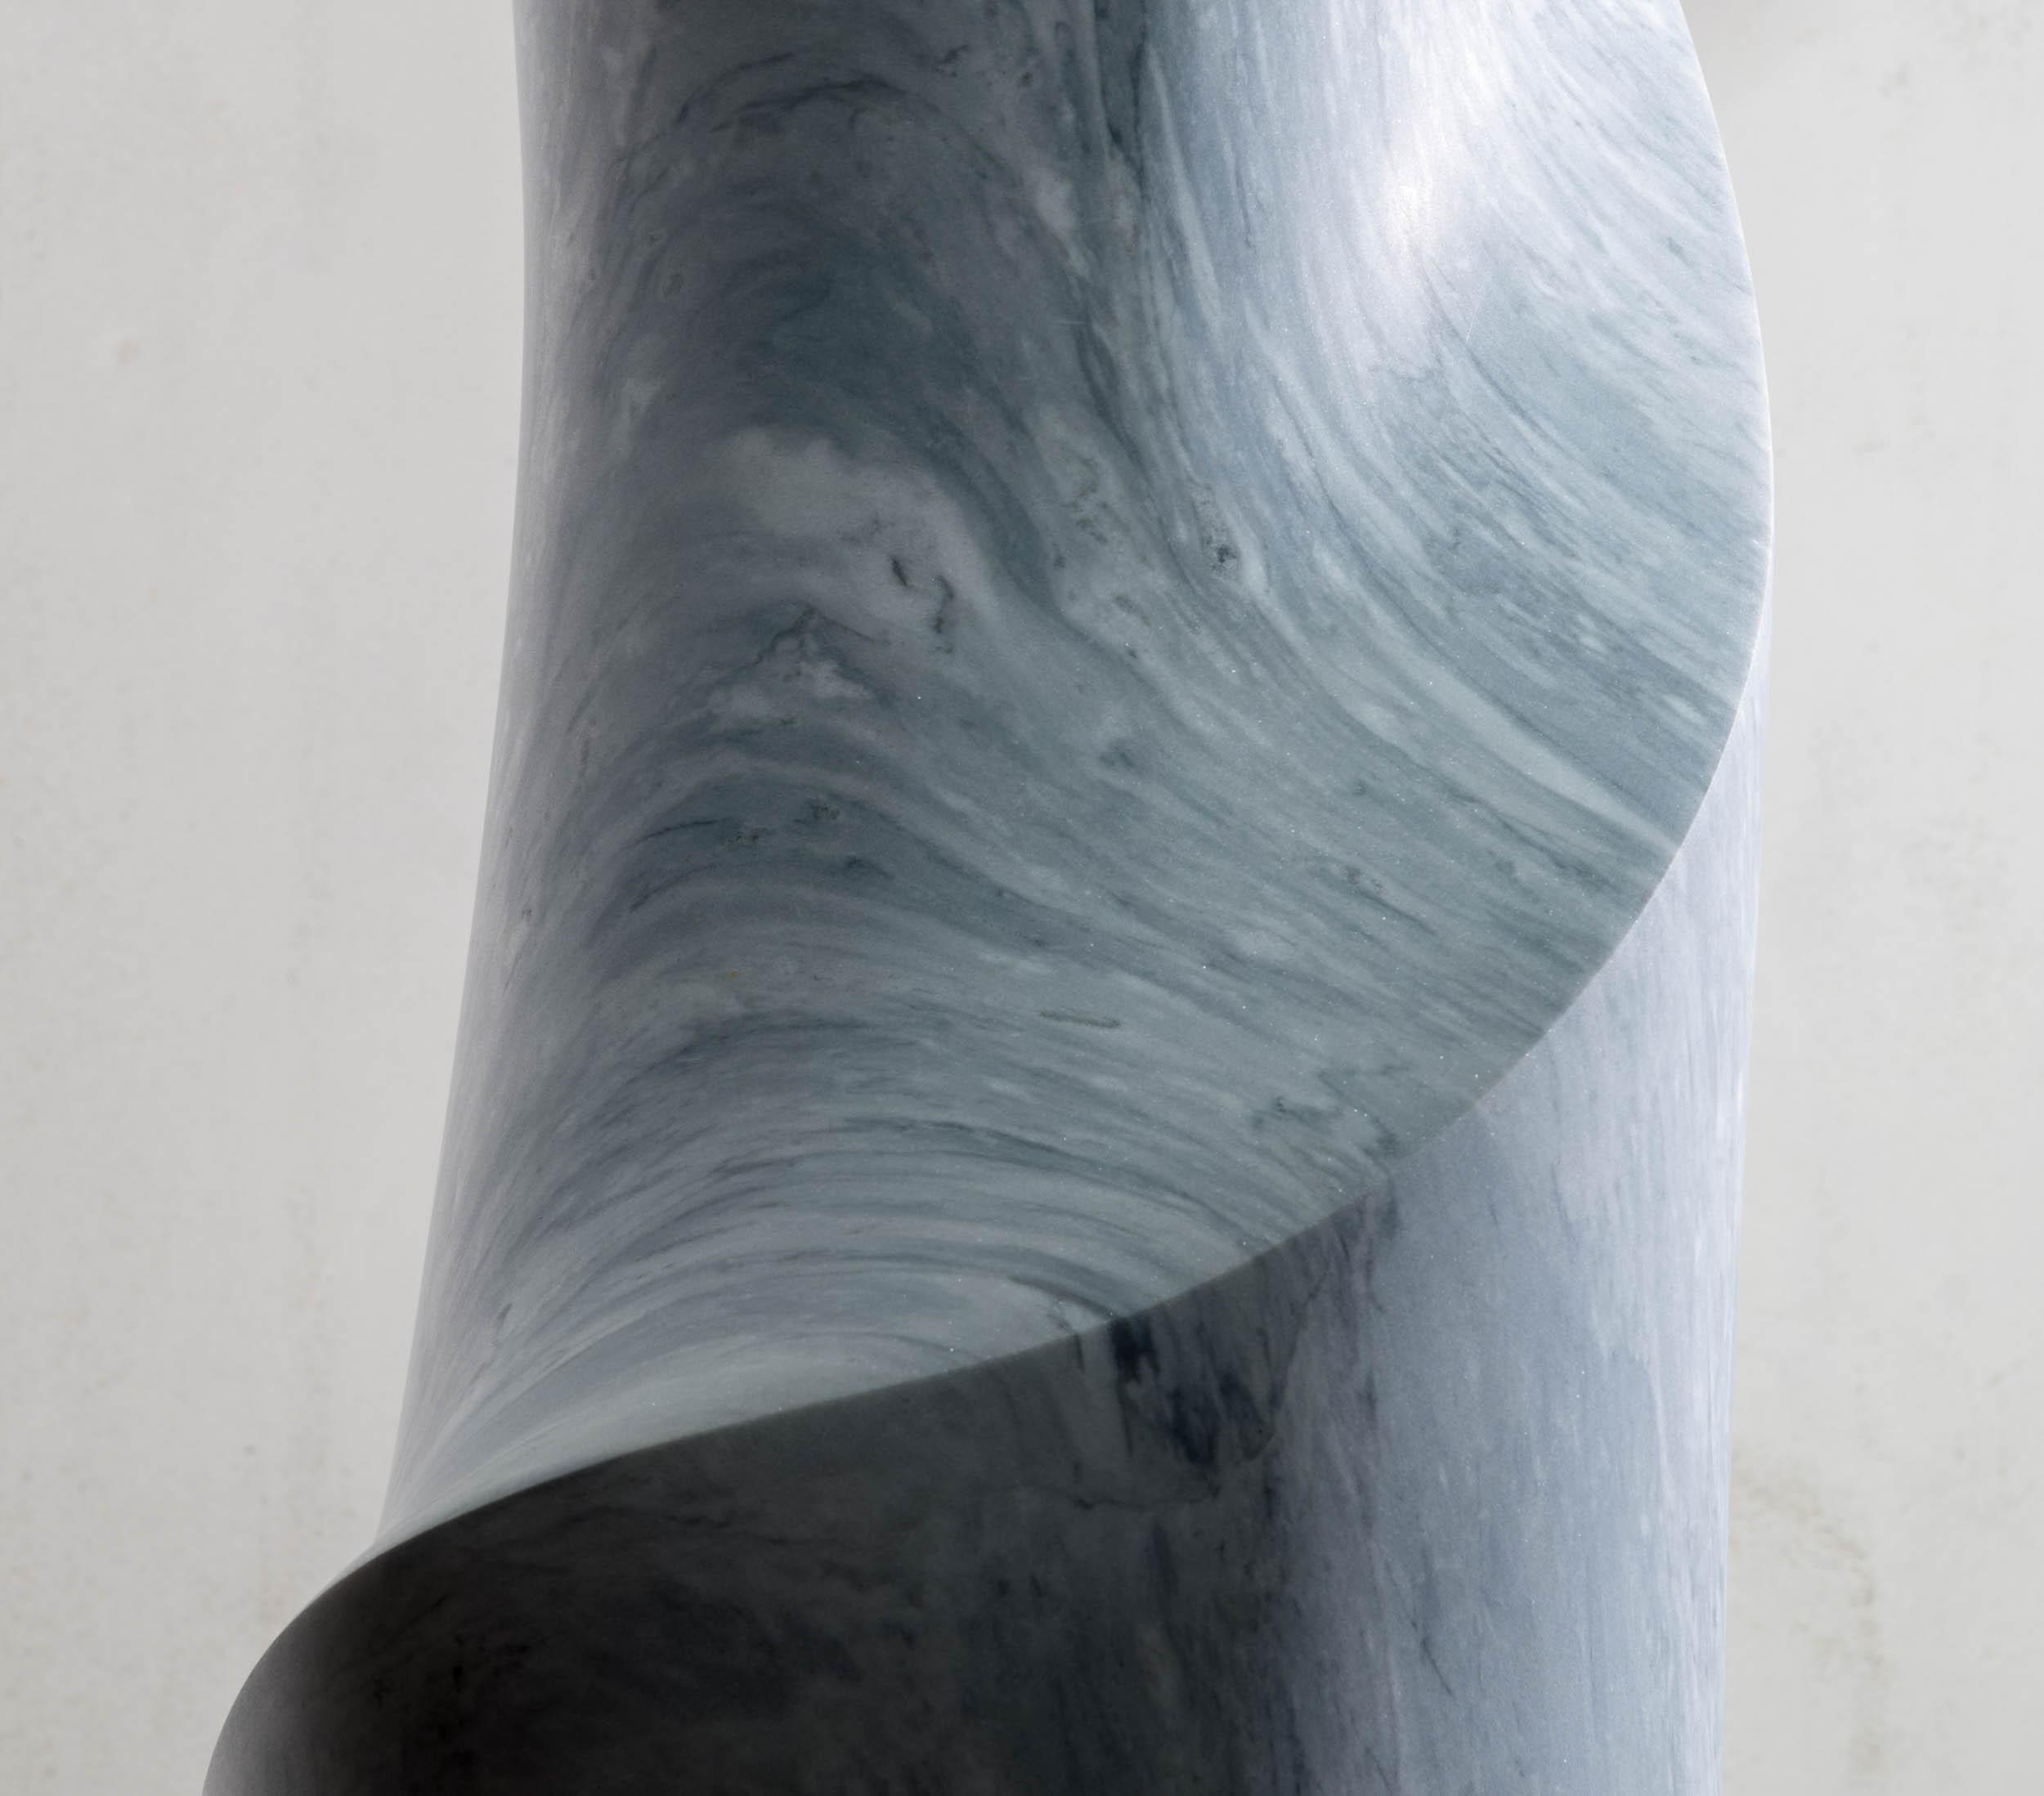 Sorarya-Nazarian-Sculpture-17.jpg